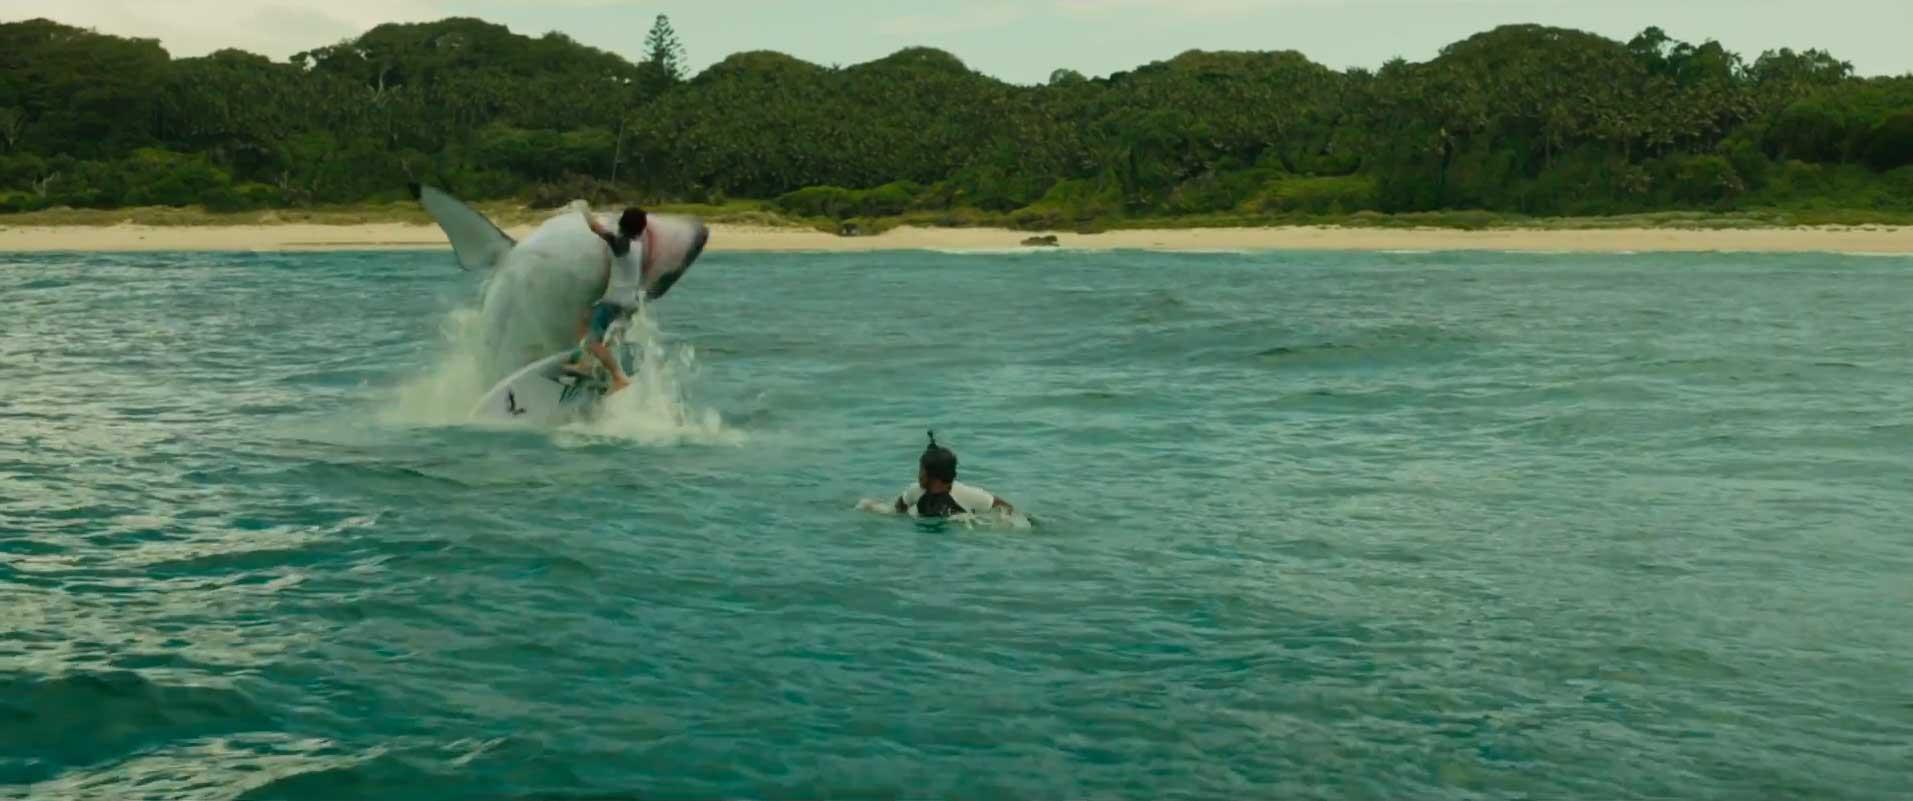 Es gibt noch mehr Surfer in dem Film, allerdings mit recht kleinen (kurzen) Rollen.